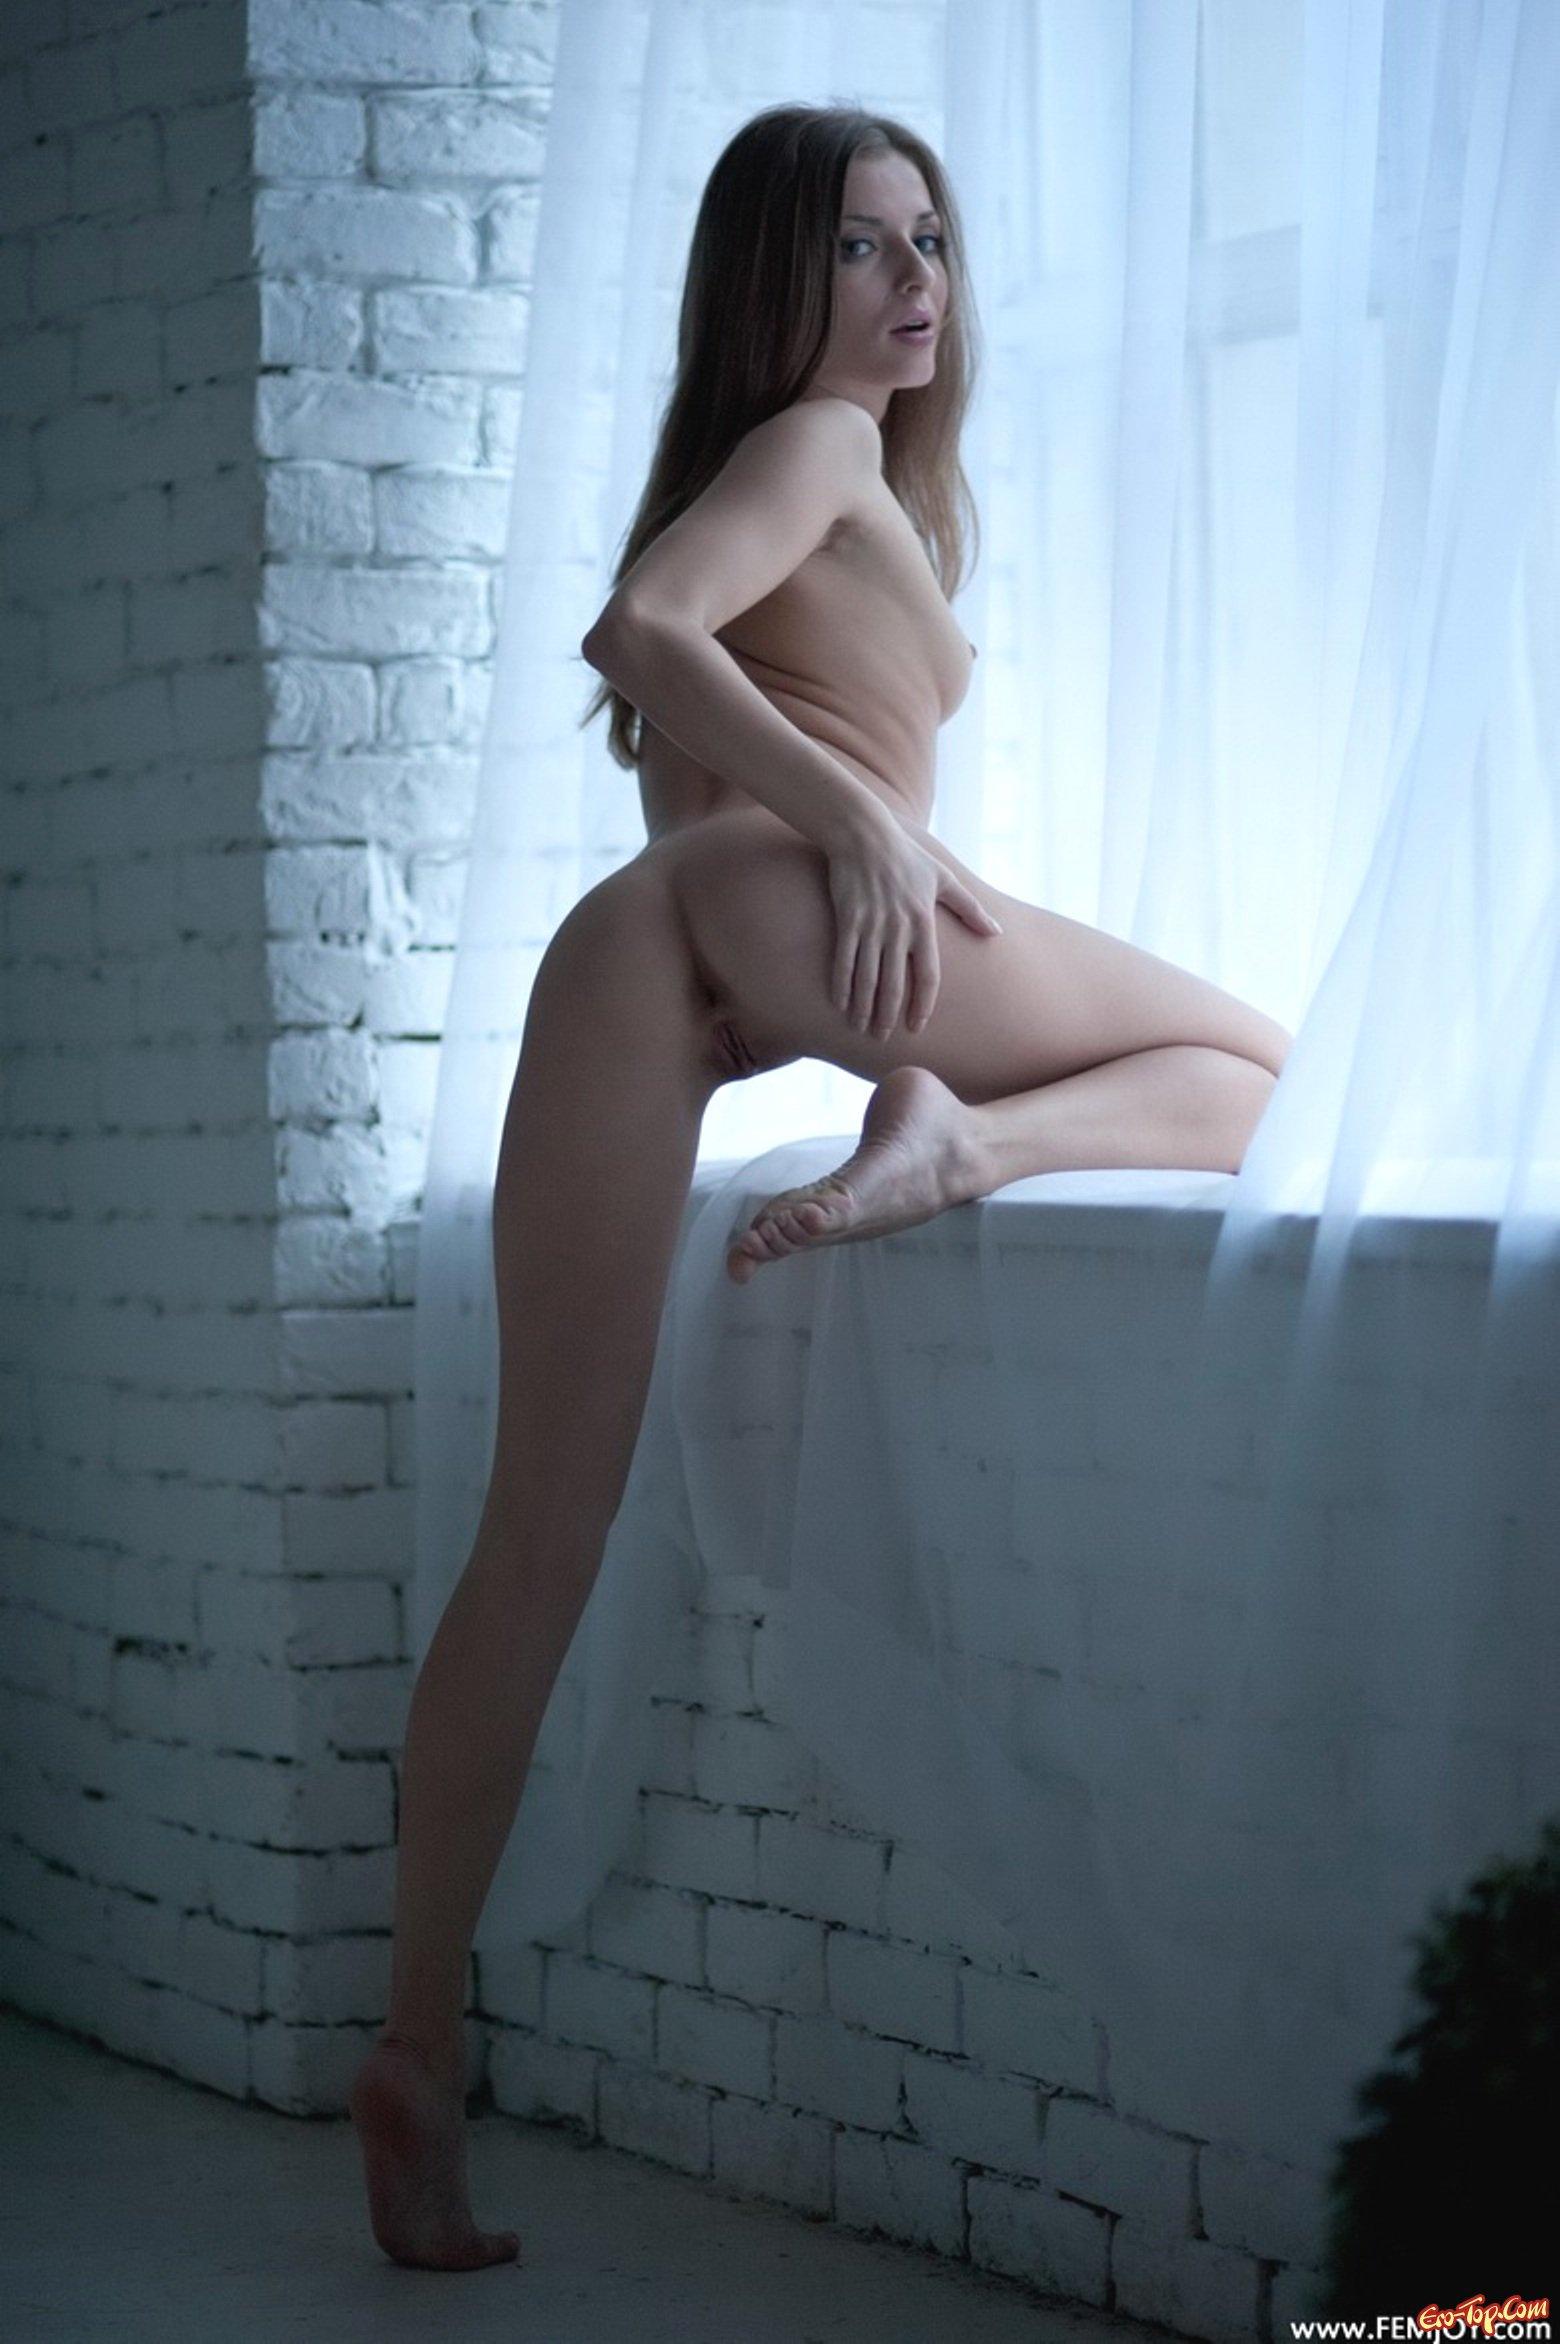 Фото красавица в белых чулках 20 фотография